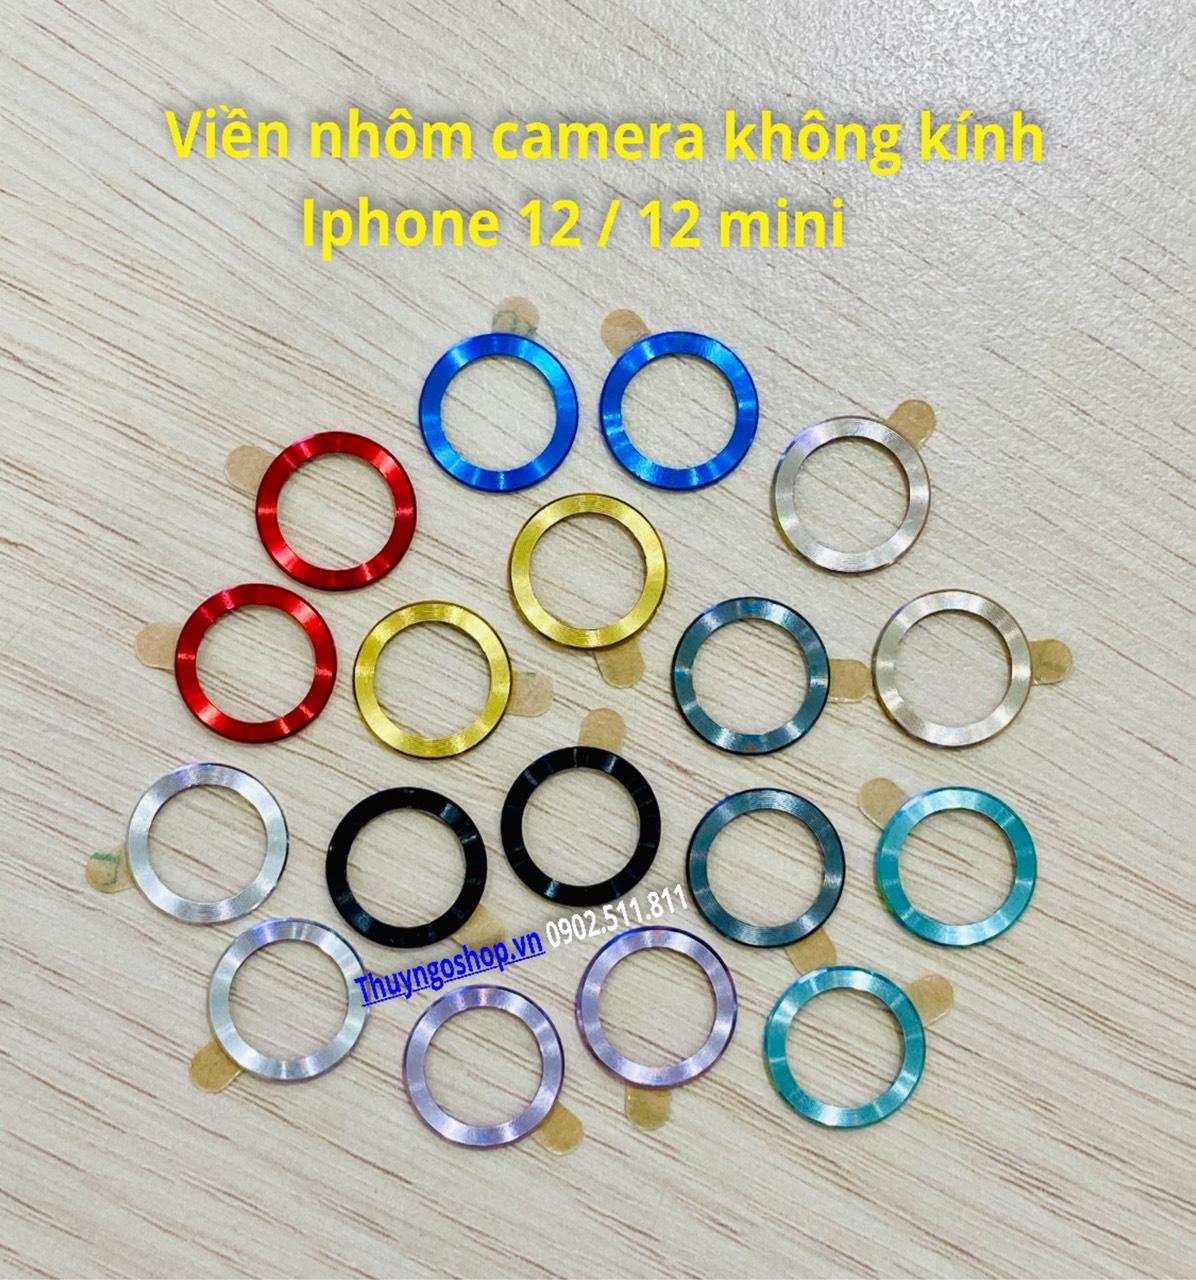 Dán kim loại chống trầy viền camera Iphone 12 Mini